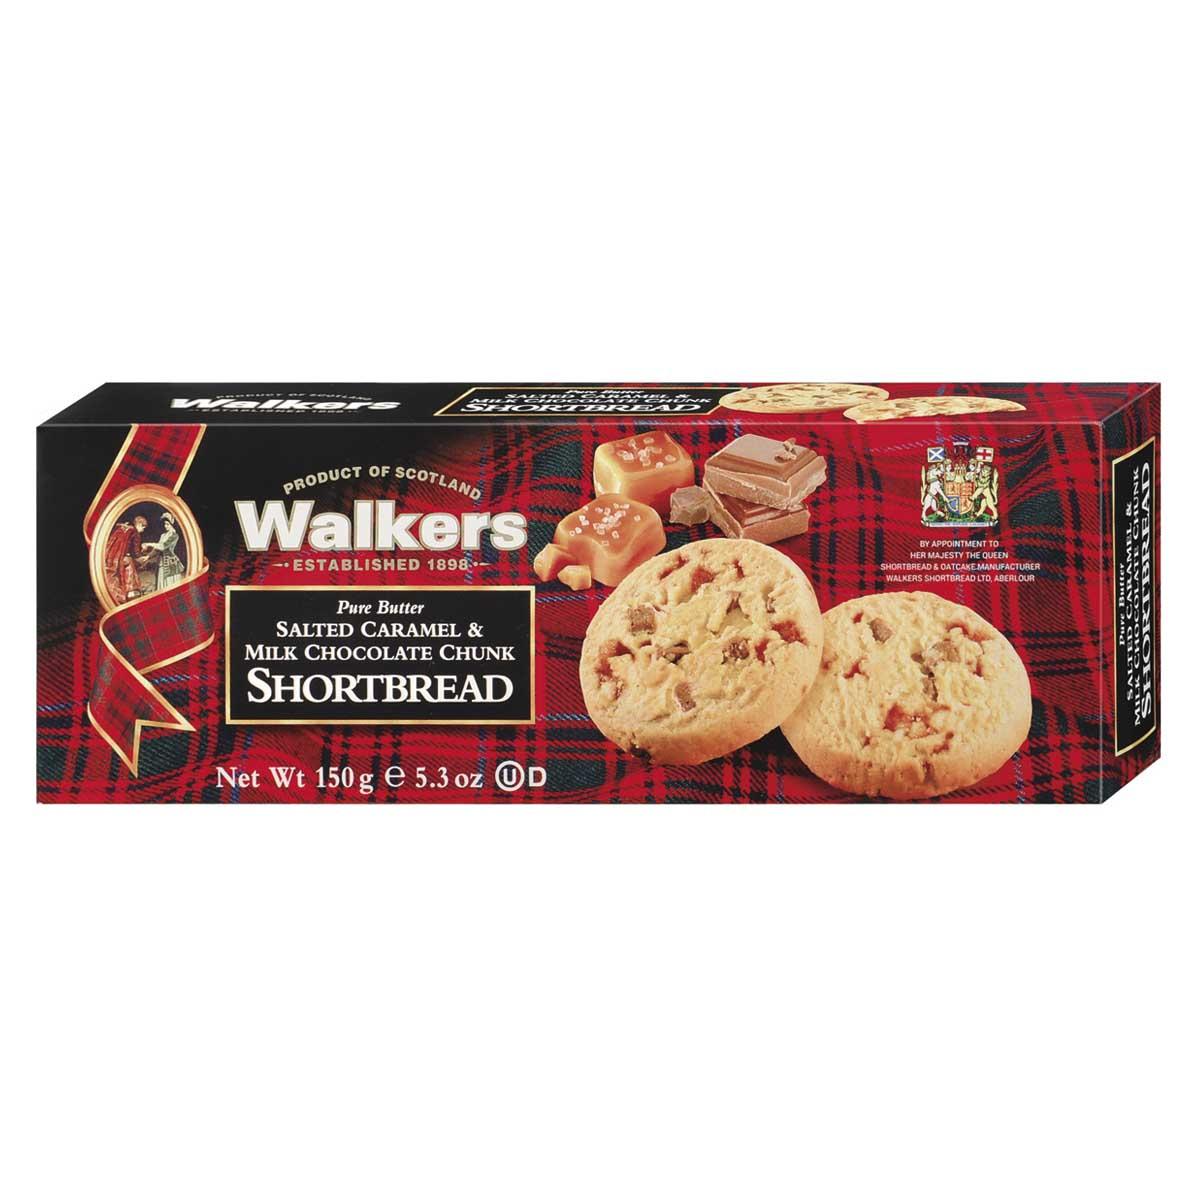 Top Food Feinkost - Walkers Shortbread Ltd. Salted Caramell Shortbread 150g. Schottisches Buttergebäck mit Salzkaramell und Milchschokoladenstückchen verfeinert